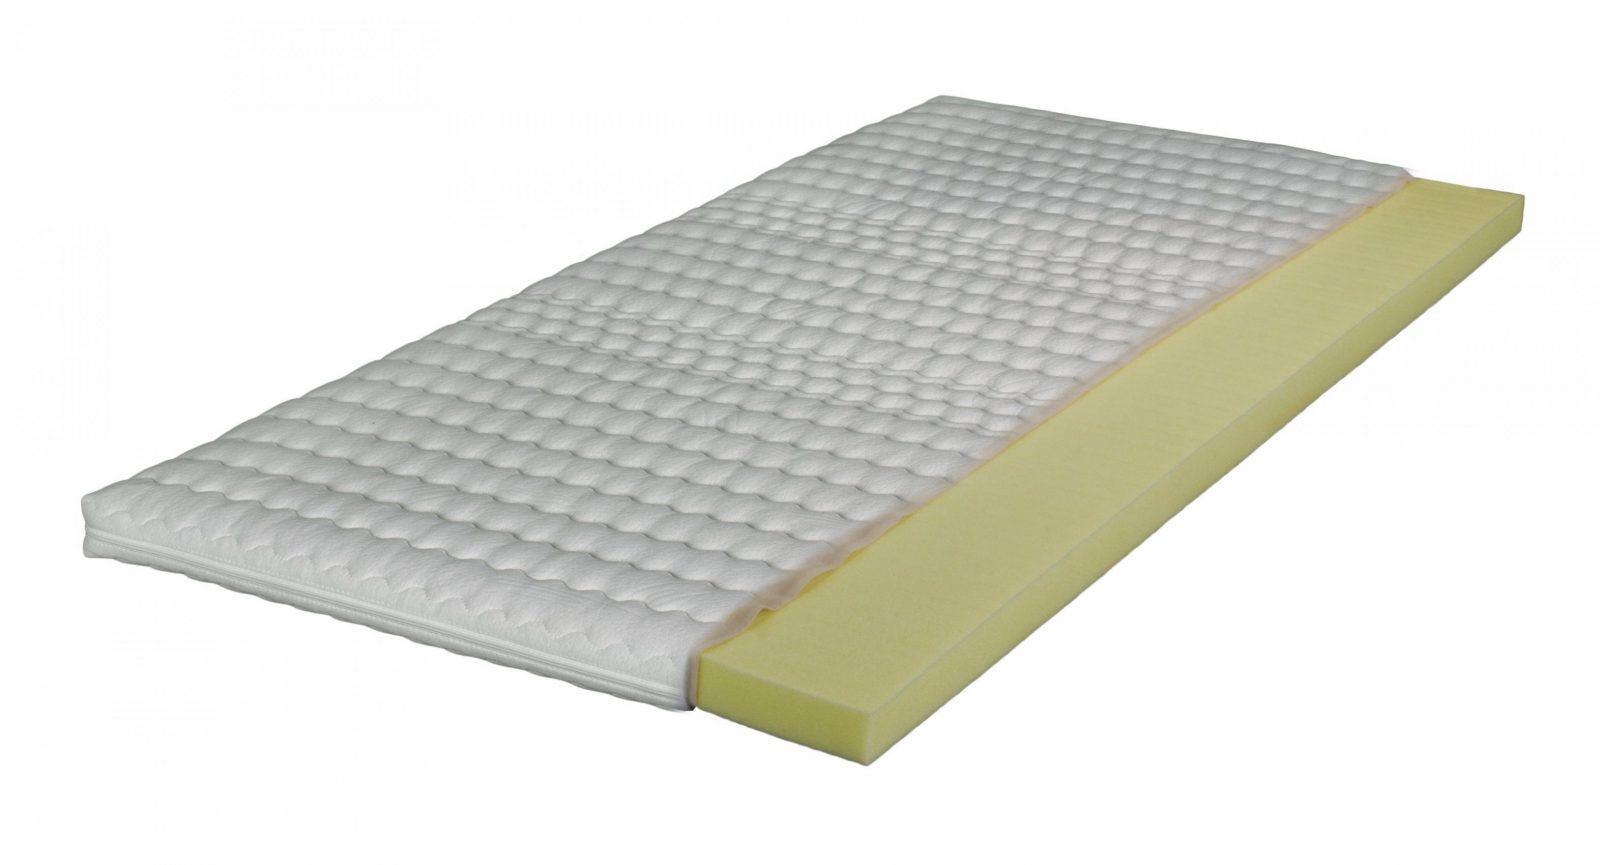 visco topper topper visco gel detalle visco topper. Black Bedroom Furniture Sets. Home Design Ideas